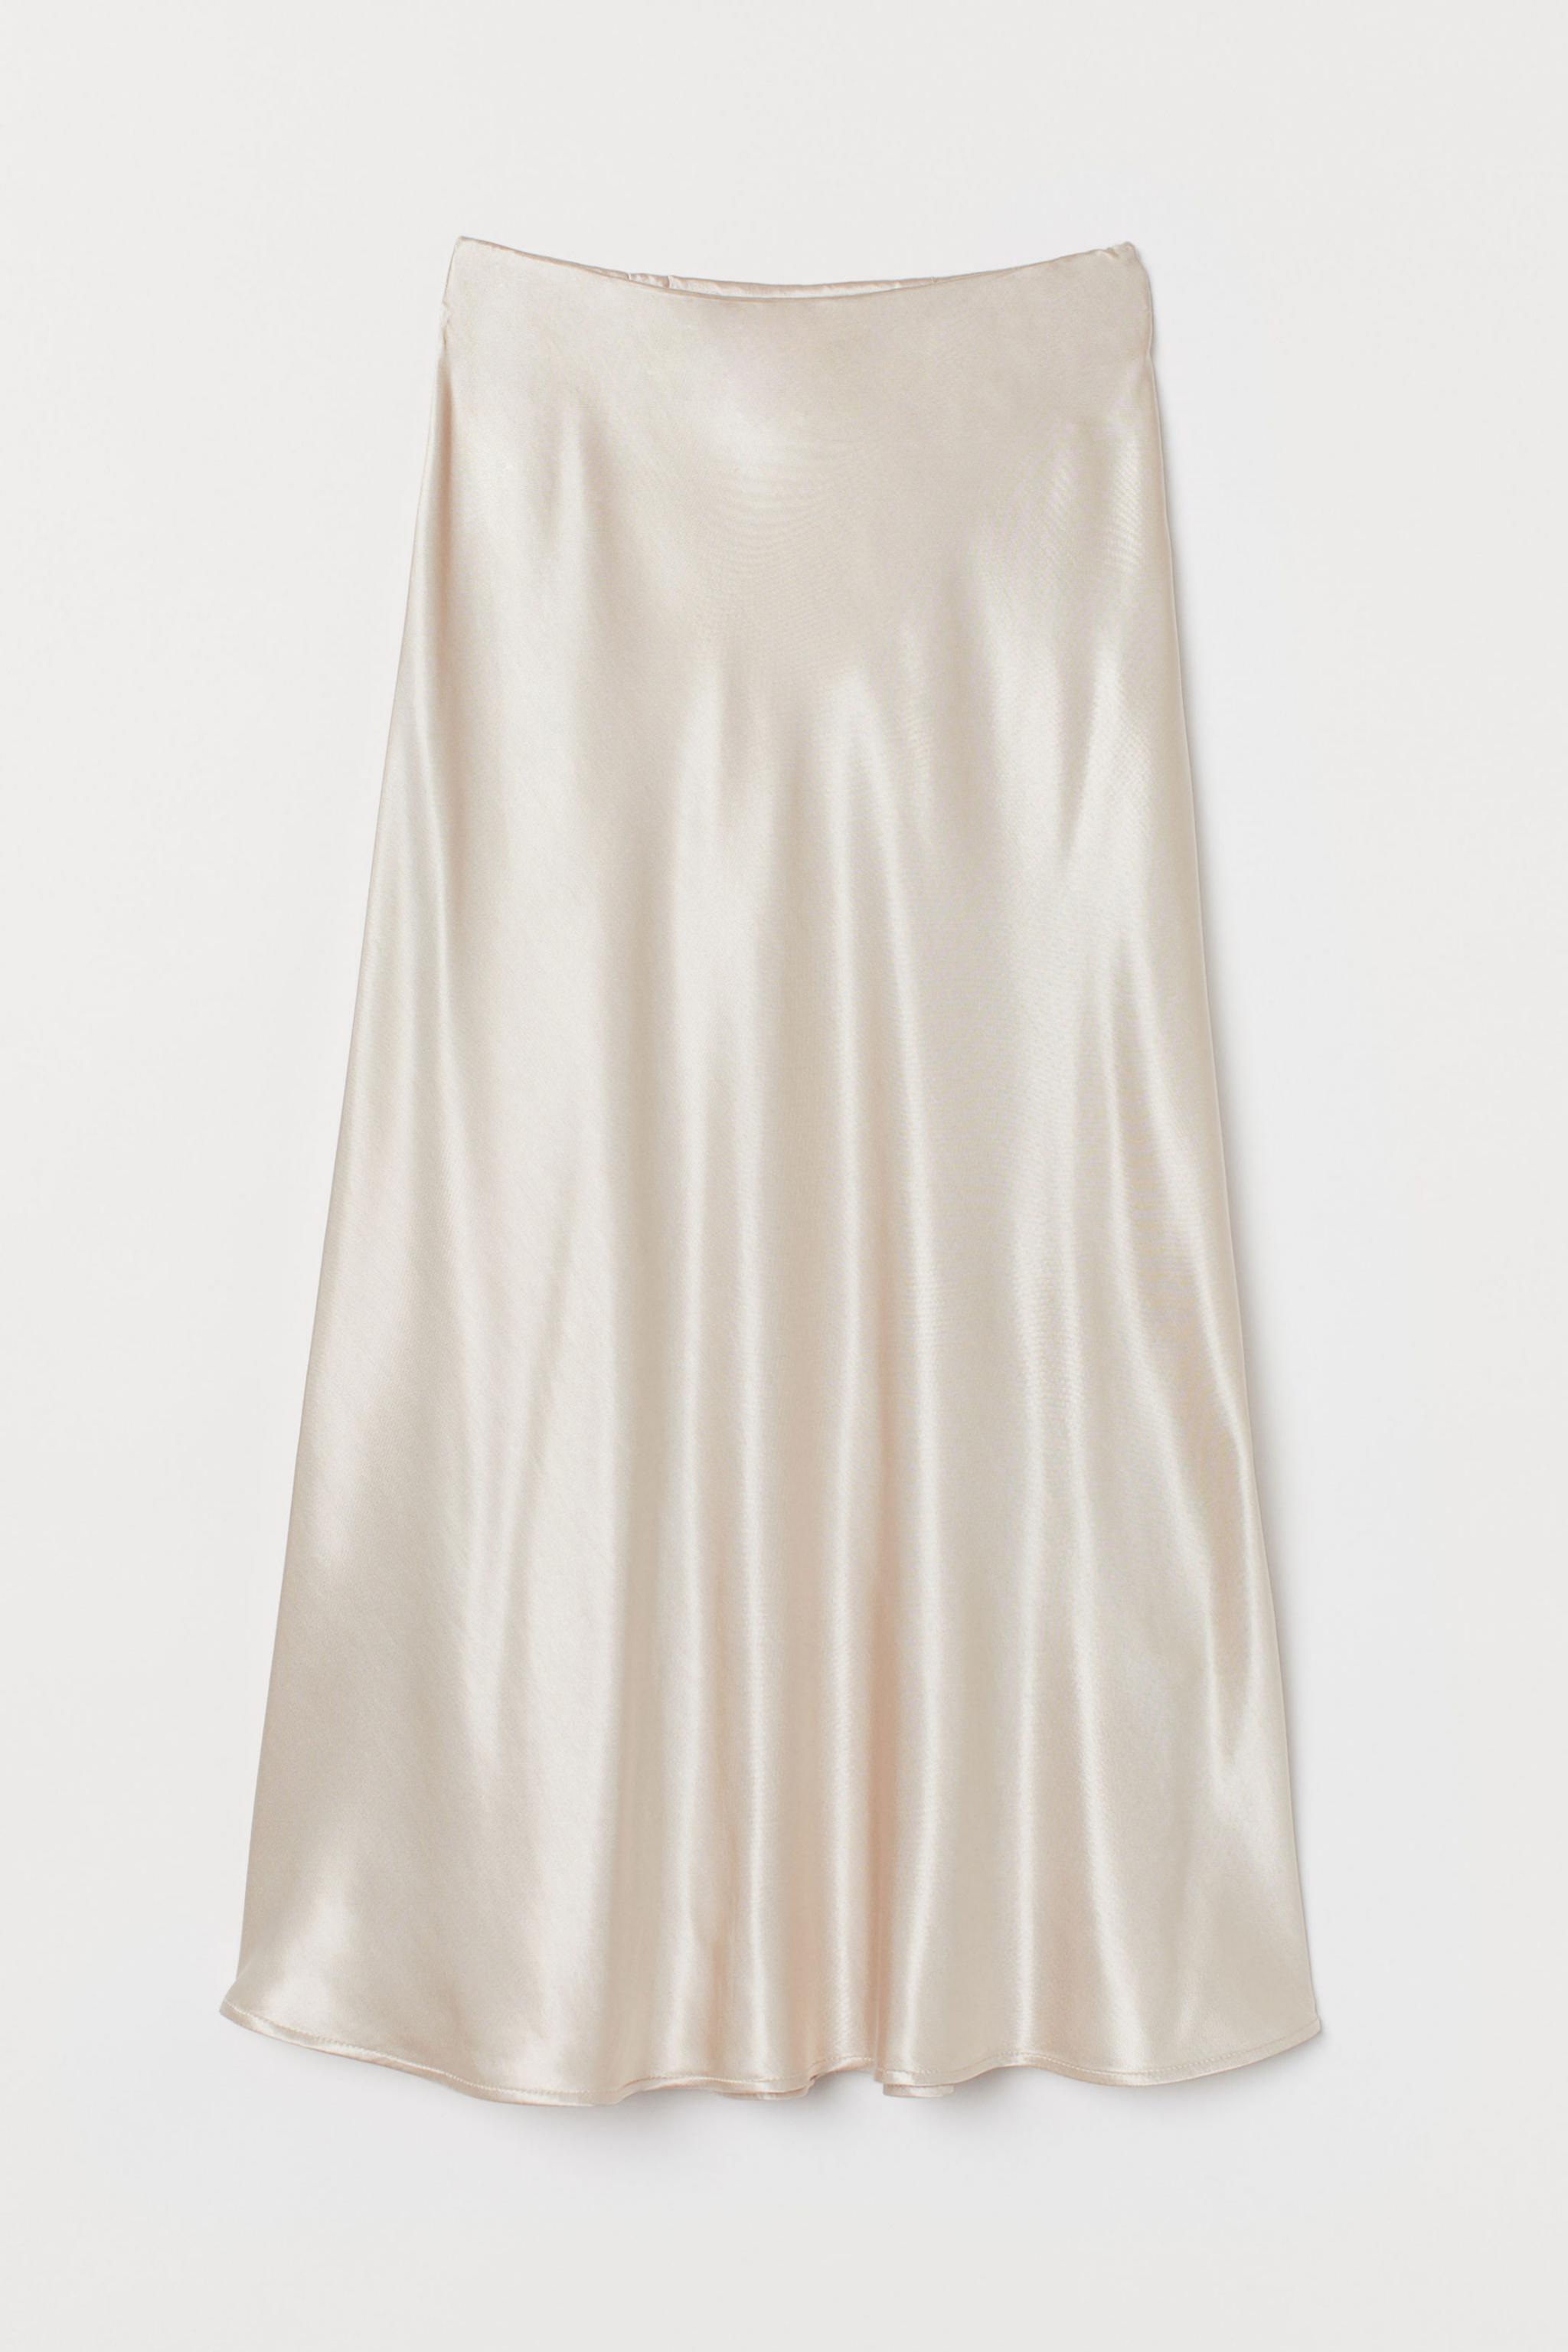 Falda satinada en blanco de H&M